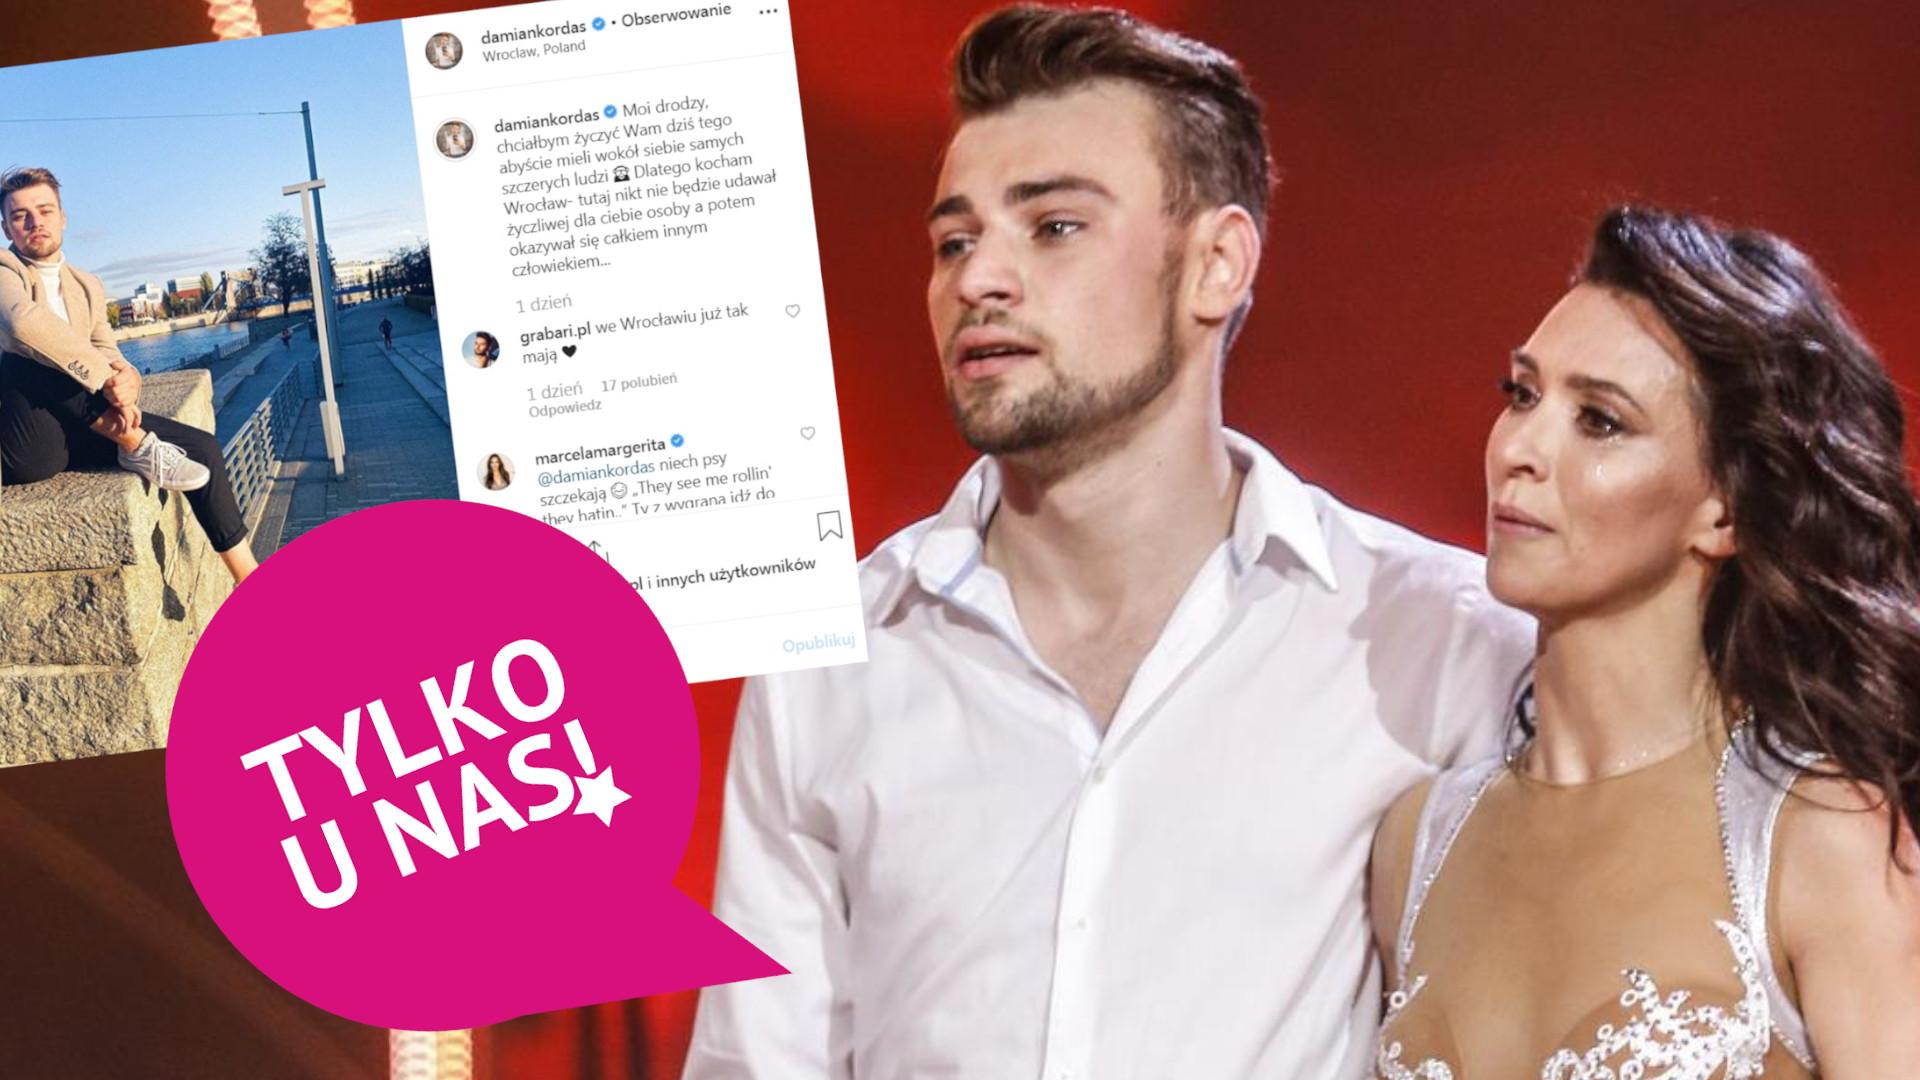 Damian Kordas rozczarowany ludźmi po Tańcu z Gwiazdami. Komentuje swój MOCNY wpis